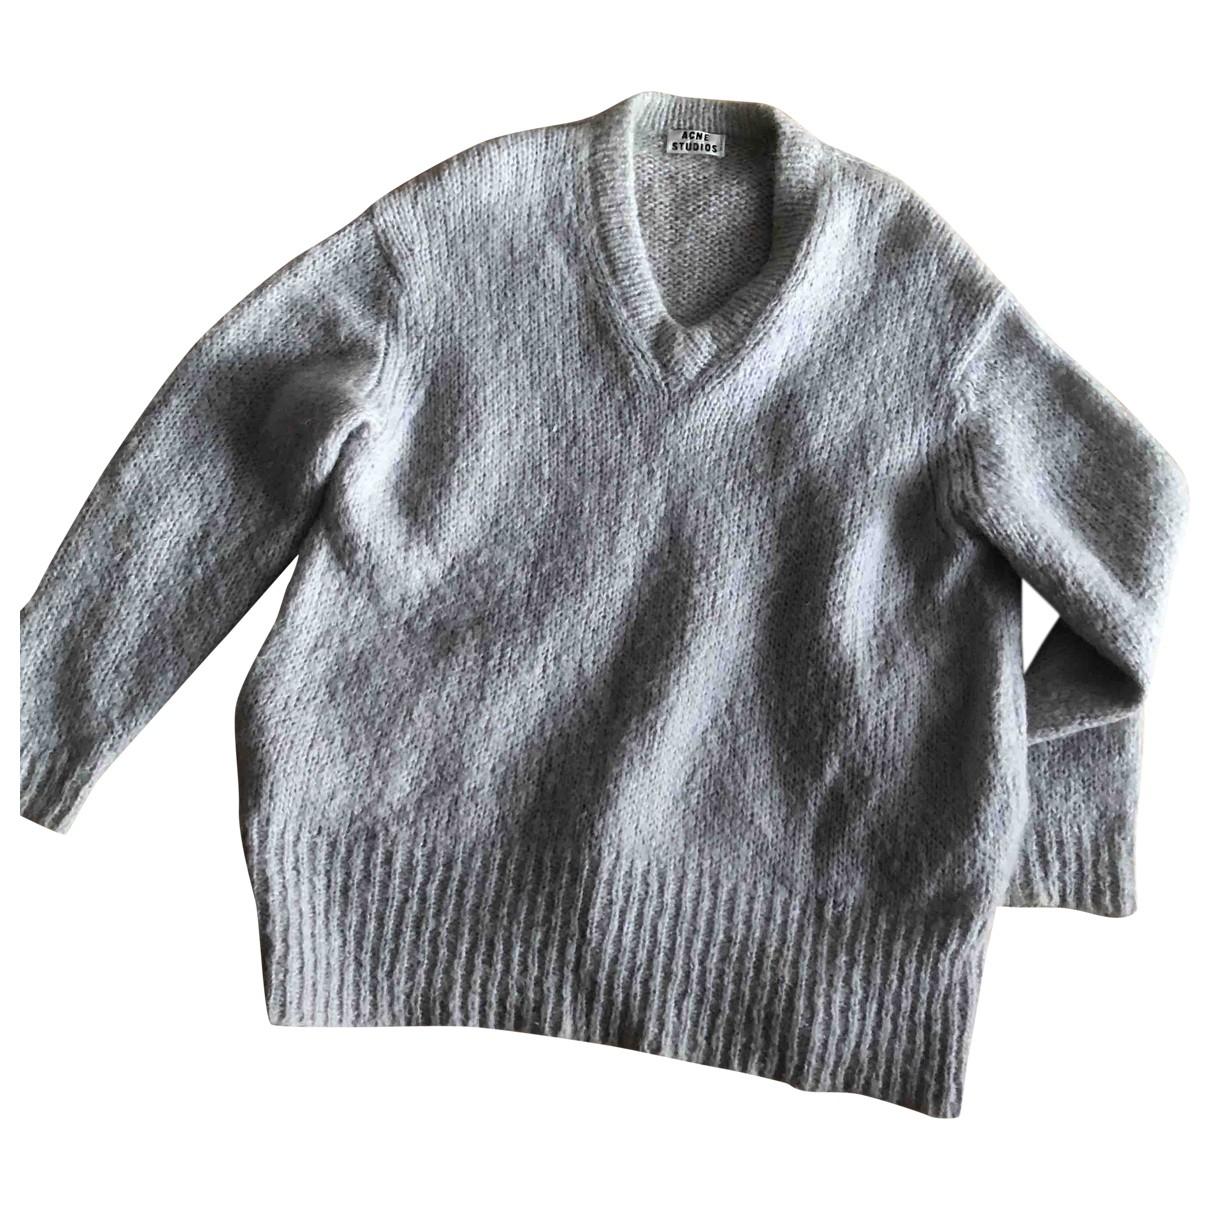 Acne Studios \N Pullover in  Grau Wolle